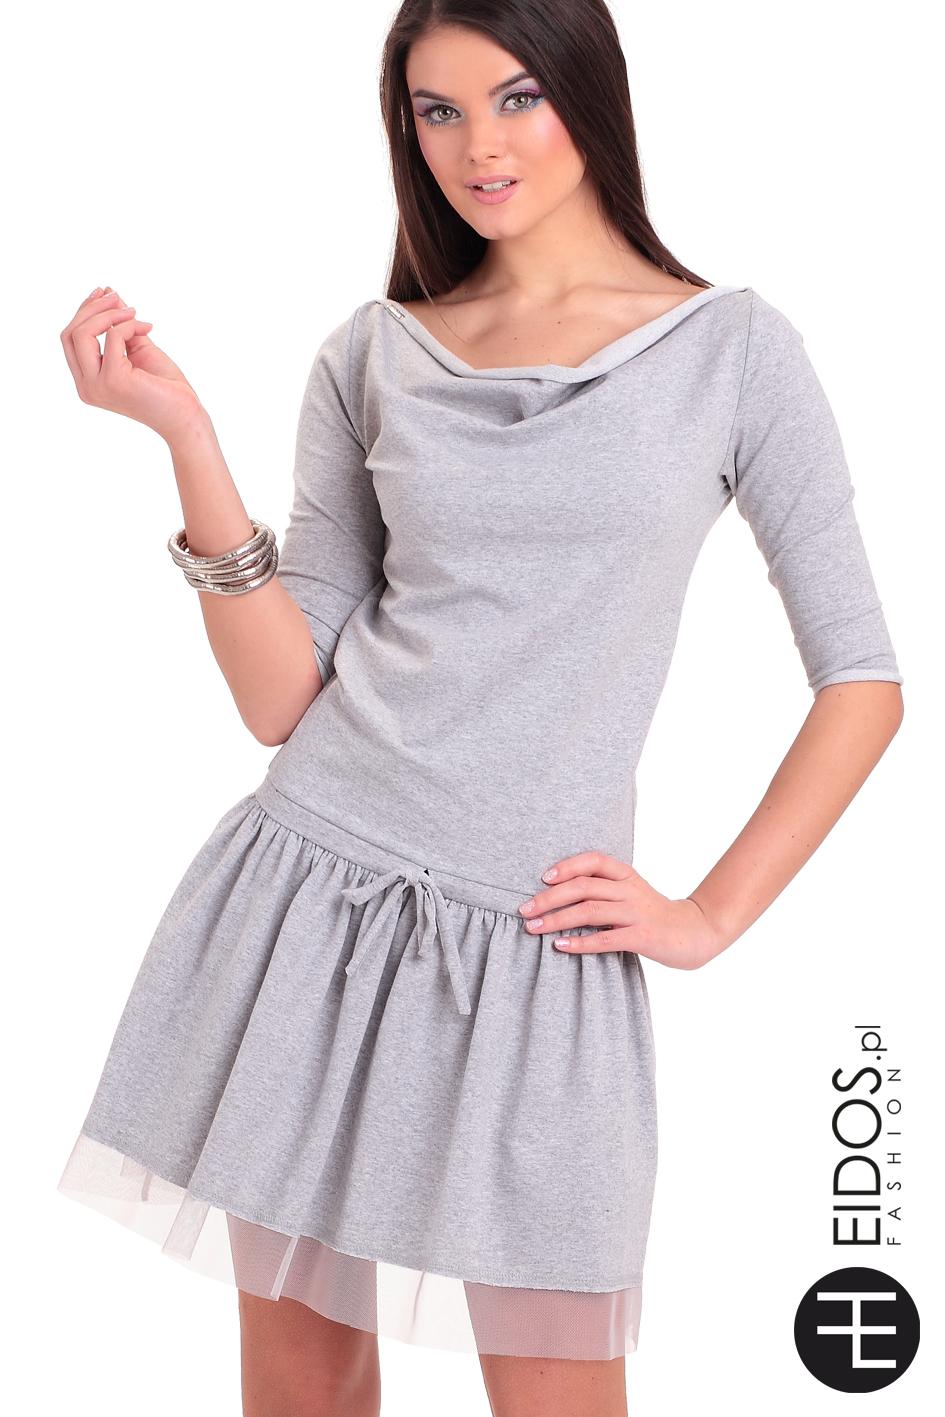 fb42337d23 Sukienka MARCELA SUMMER szara bawełna · Sukienka MARCELA SUMMER szara  bawełna ...